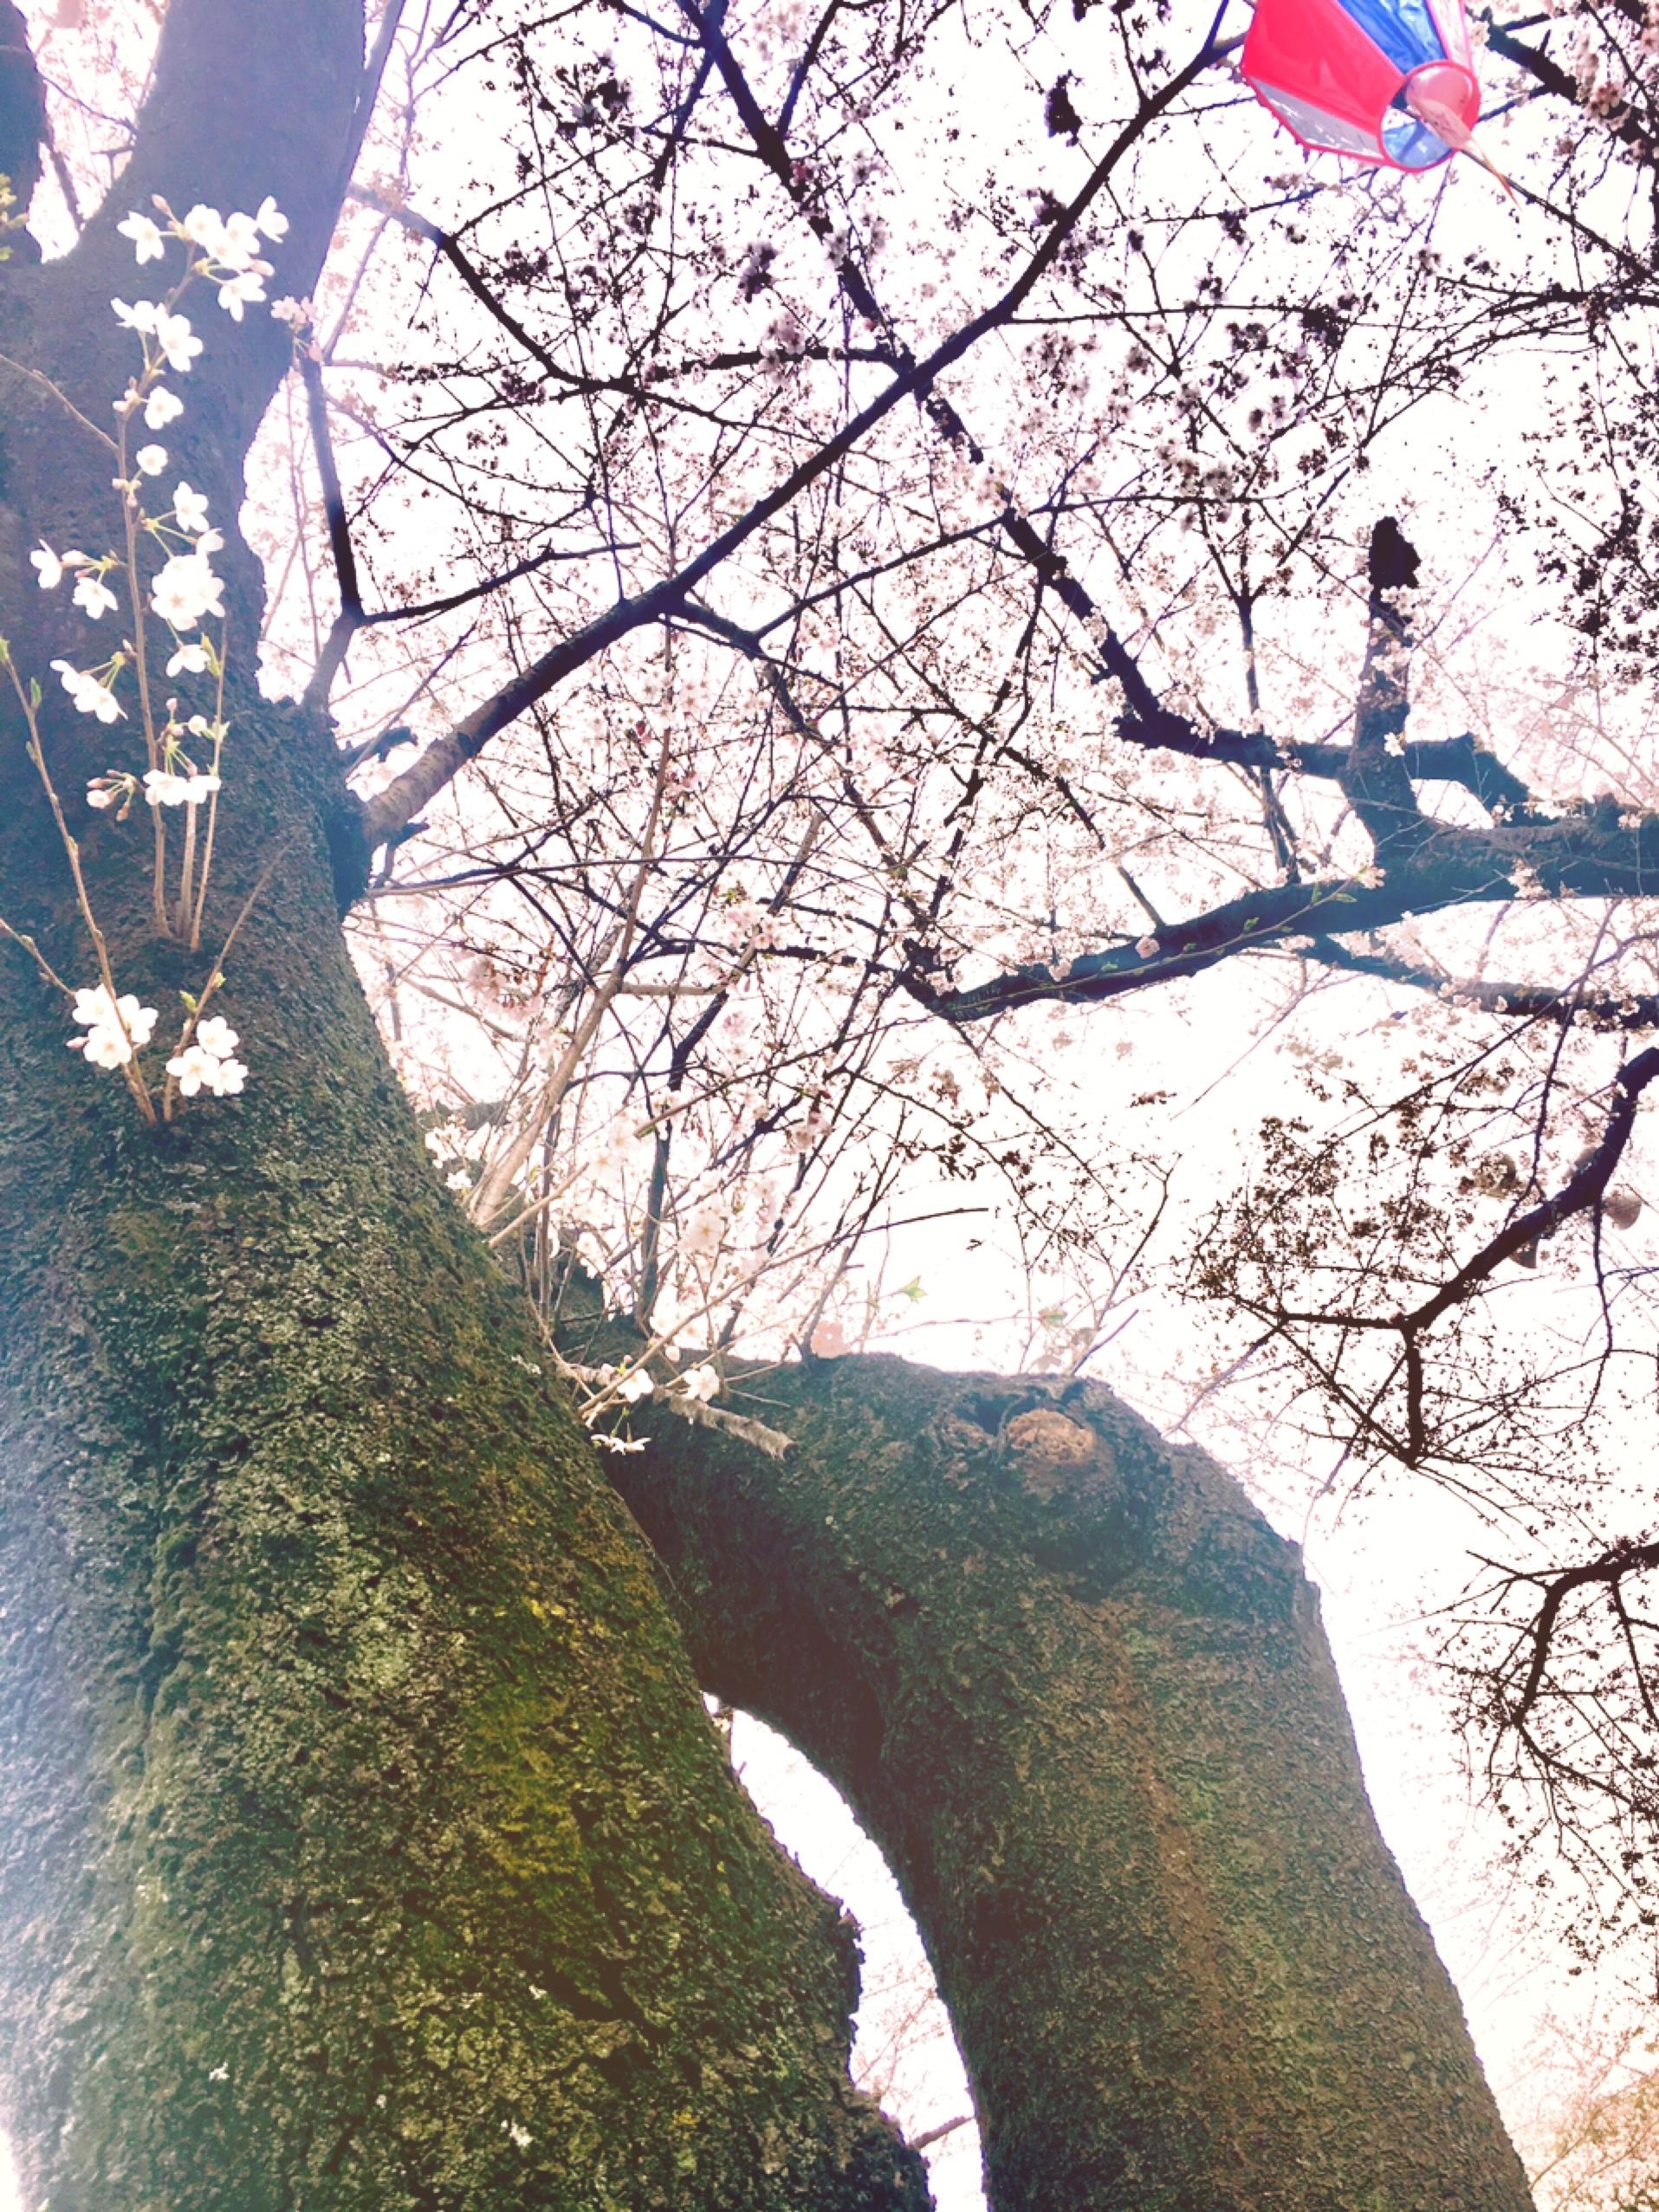 飛鳥山公園の桜と94歳と生きるについて|行政書士阿部総合事務所